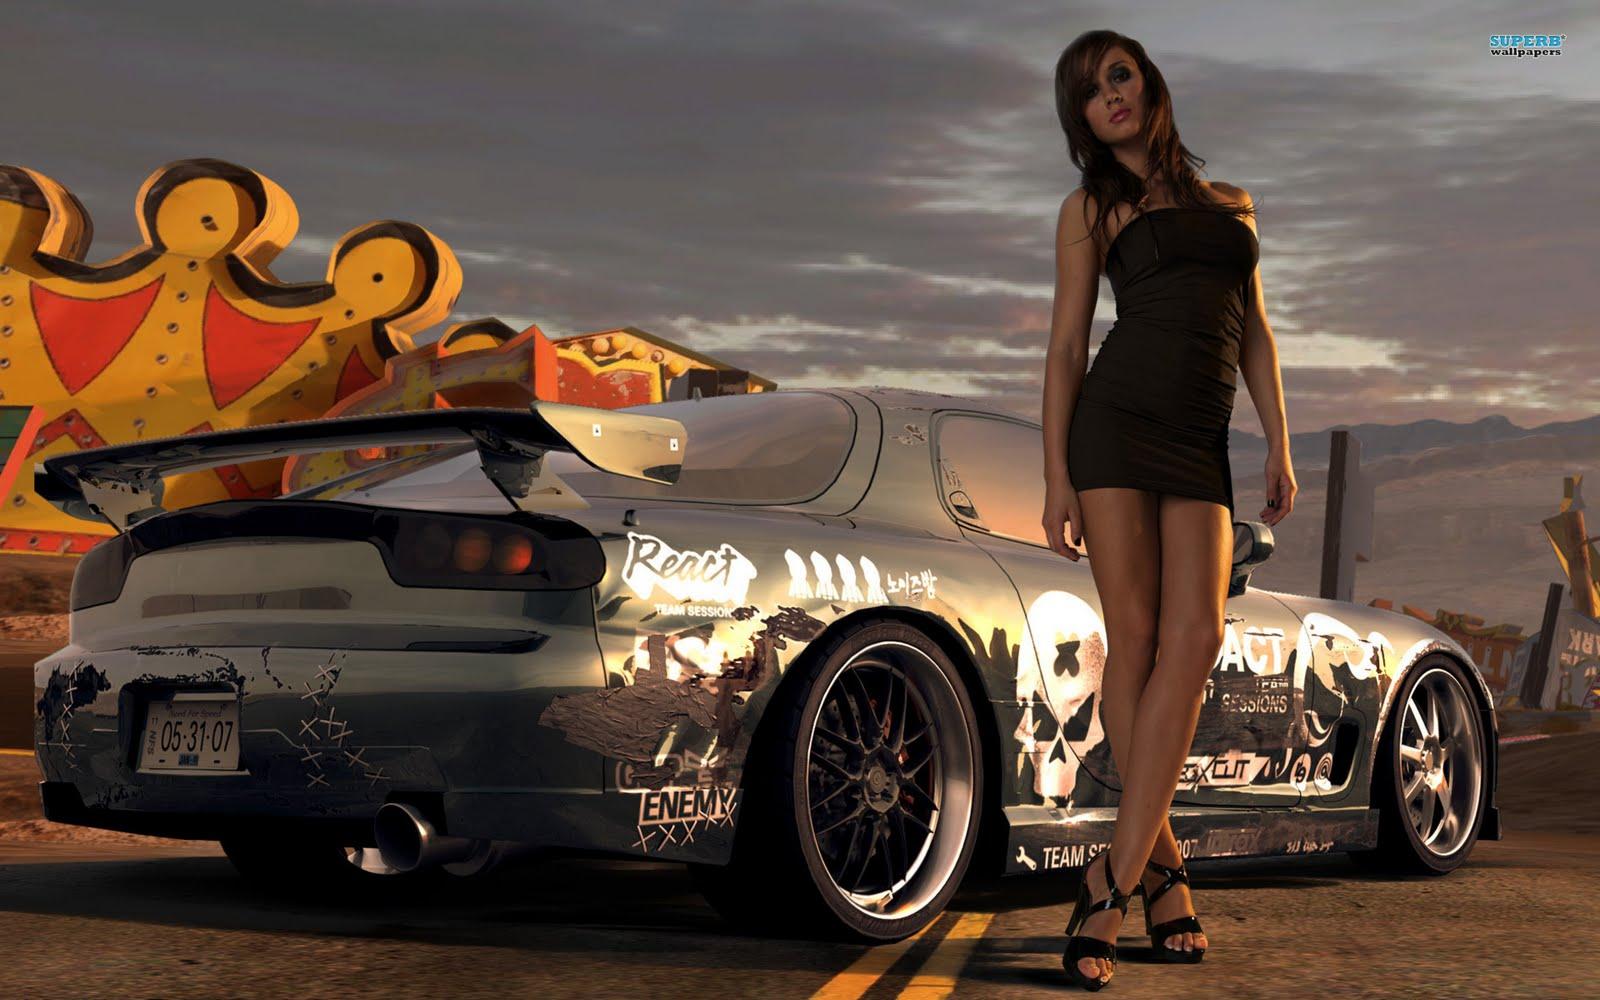 mulheres e carros carros e mulheres